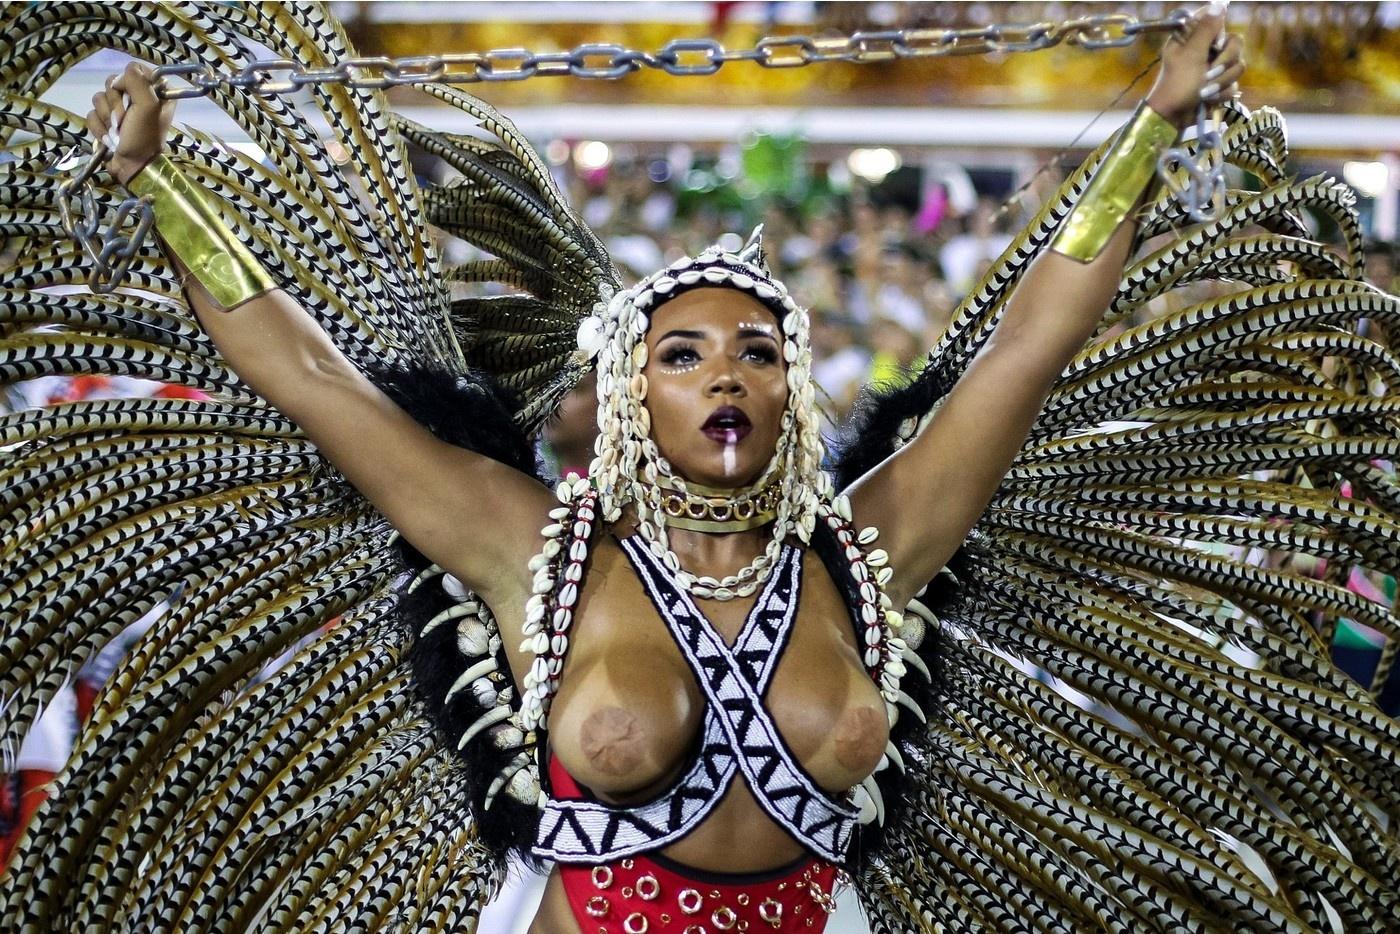 Участницы Бразильского карнавала в самых откровенных нарядах (25 фото)